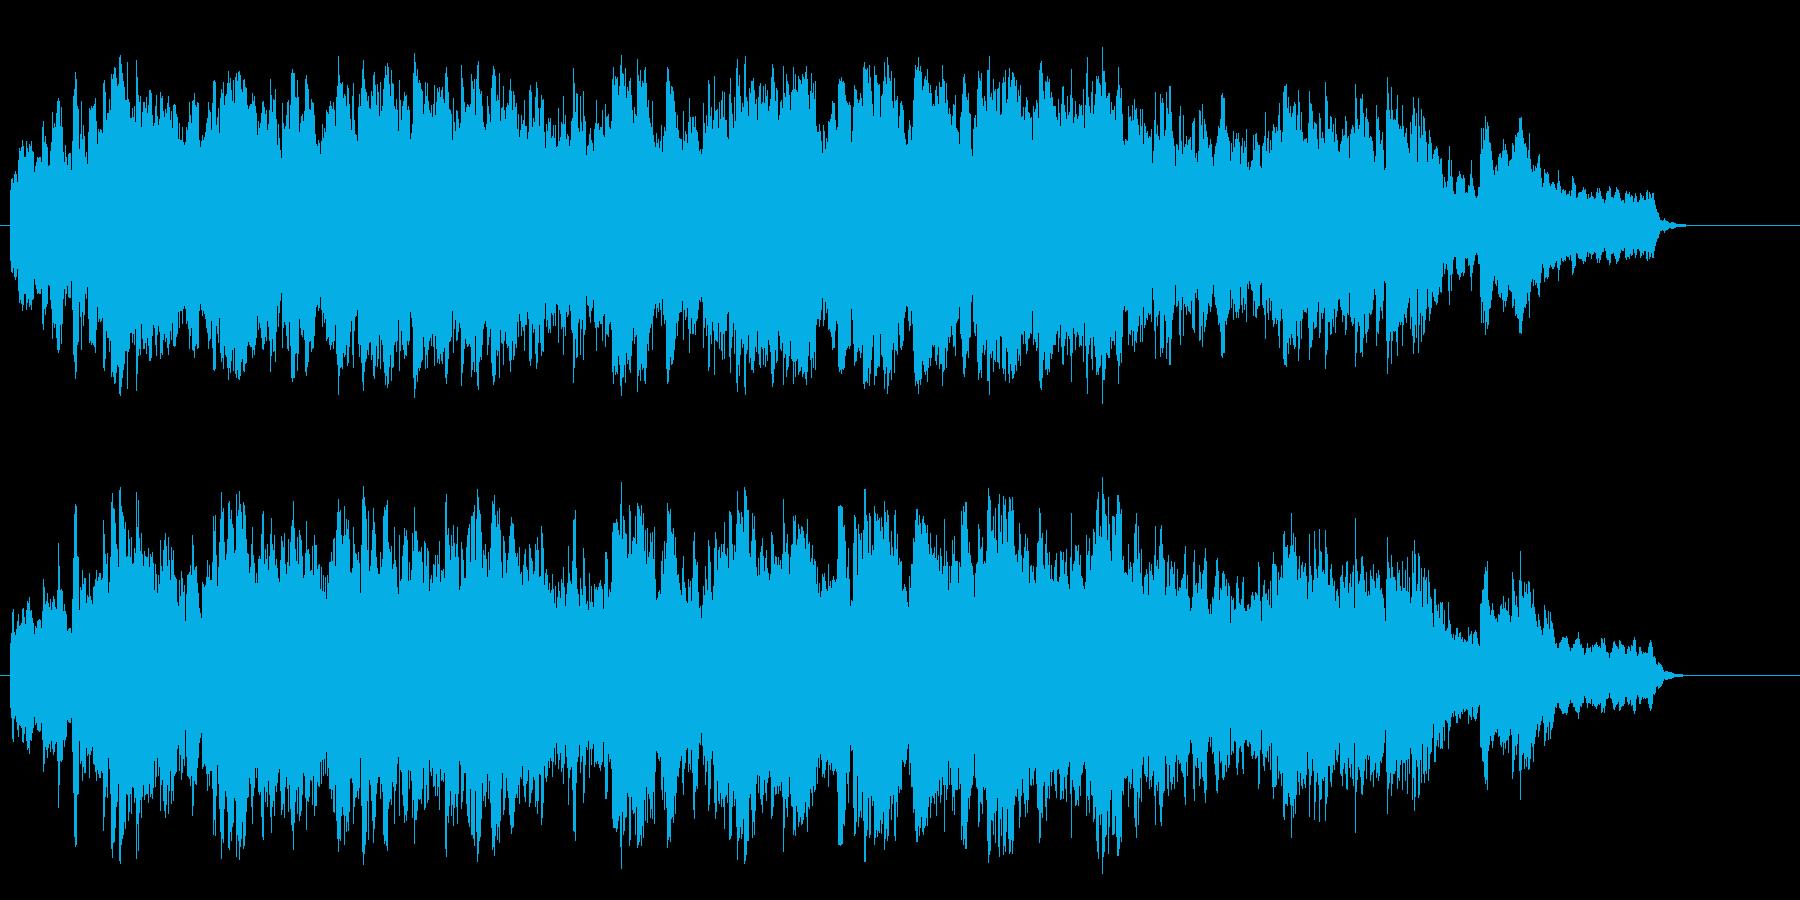 ブライダル さわやか 自然 ゆったりの再生済みの波形